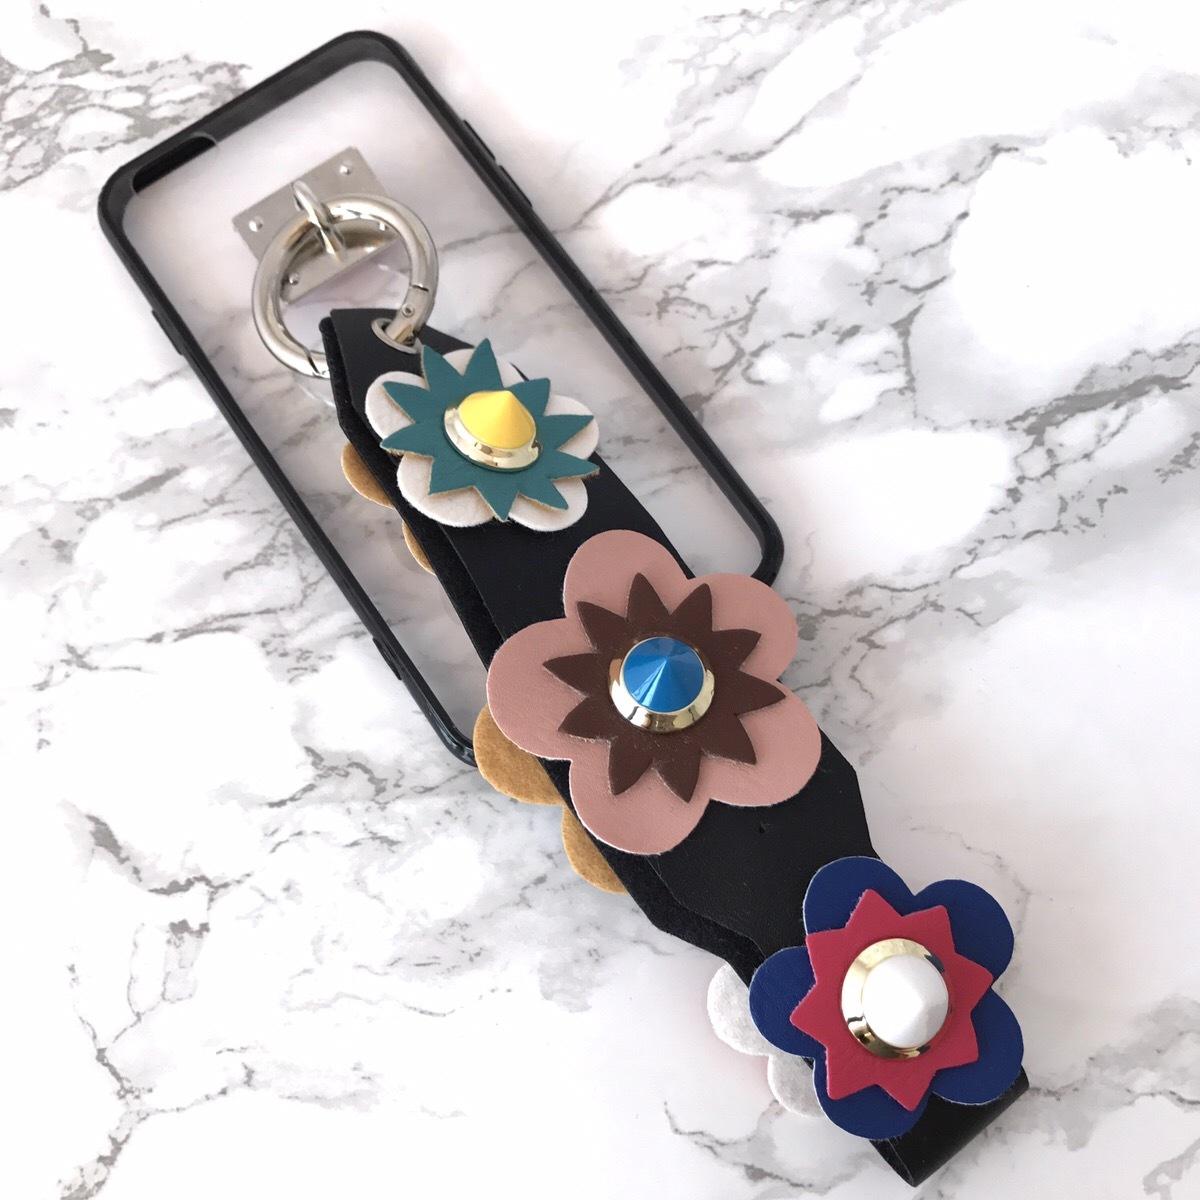 【即納★送料無料】縁ブラッククリアケース&お花フラワー スタッズ ストラップ付 iPhoneケース